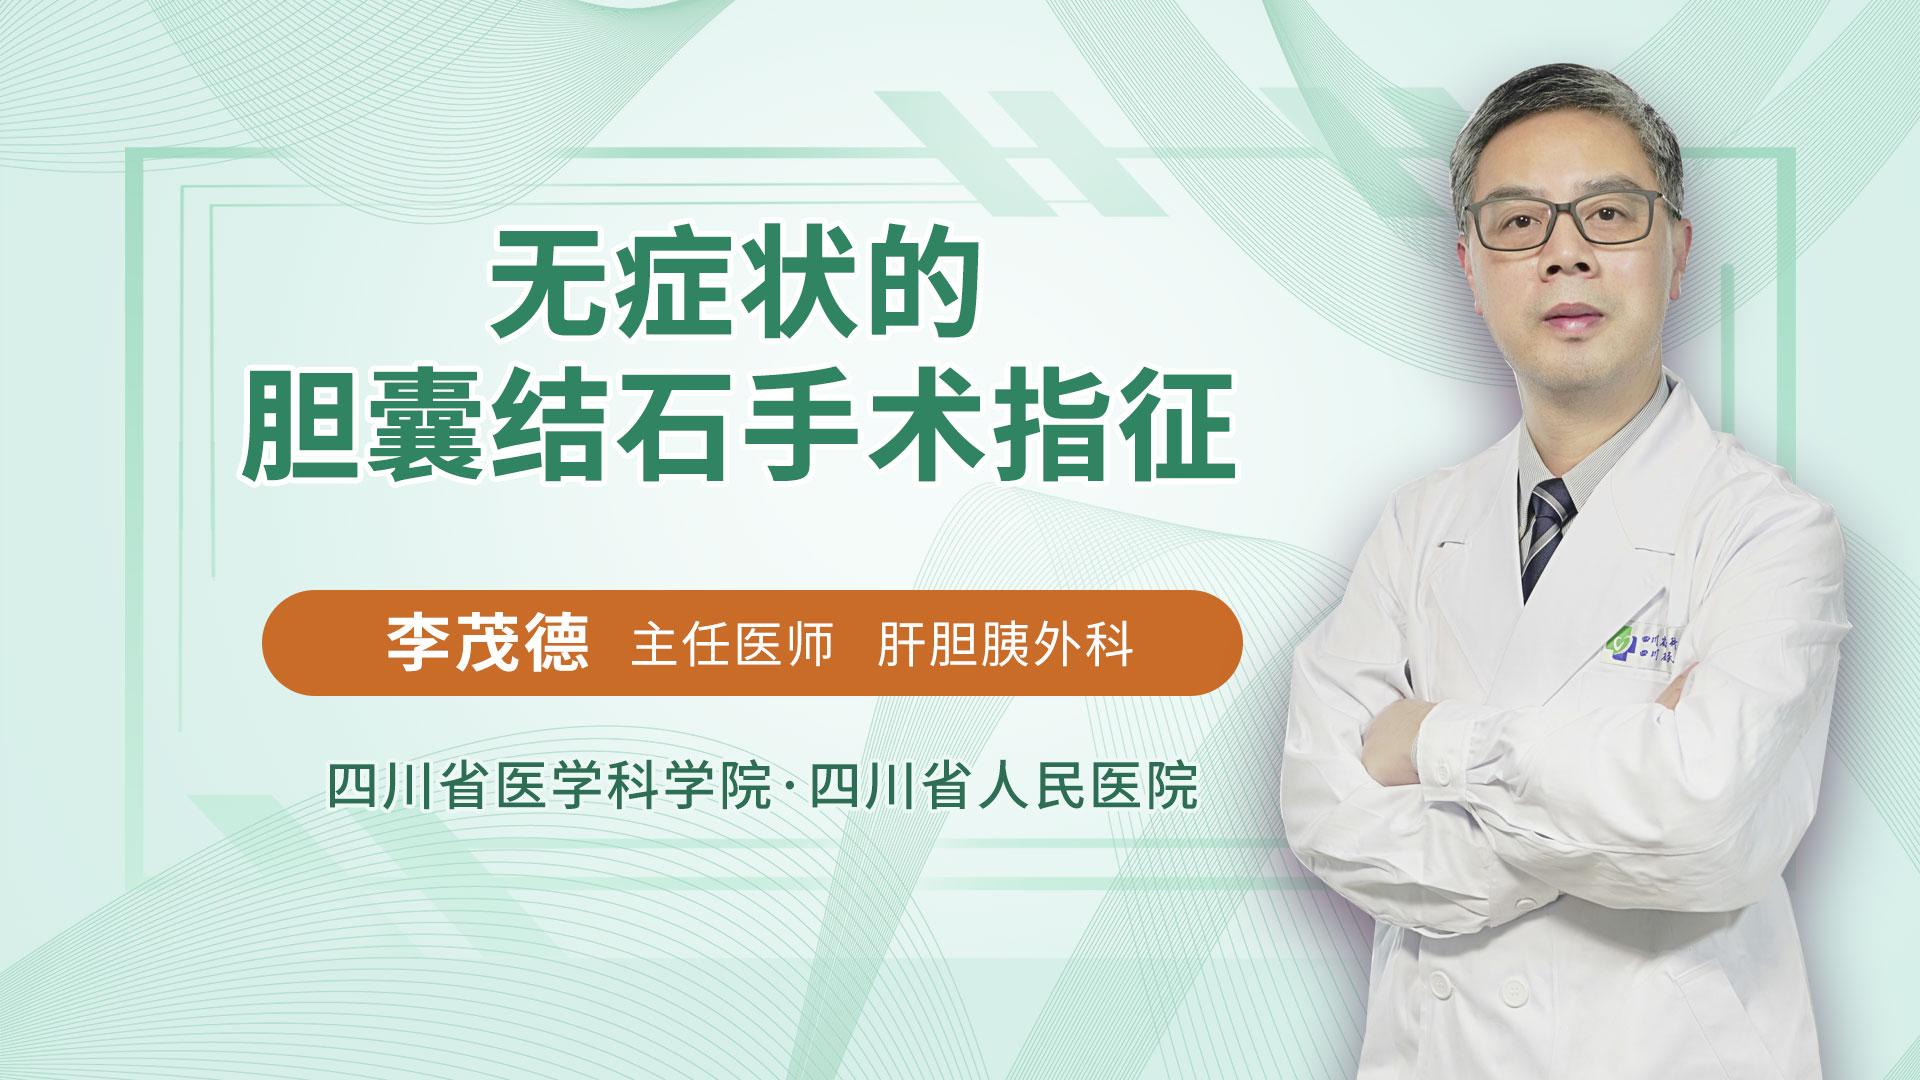 无症状的胆囊结石手术指征